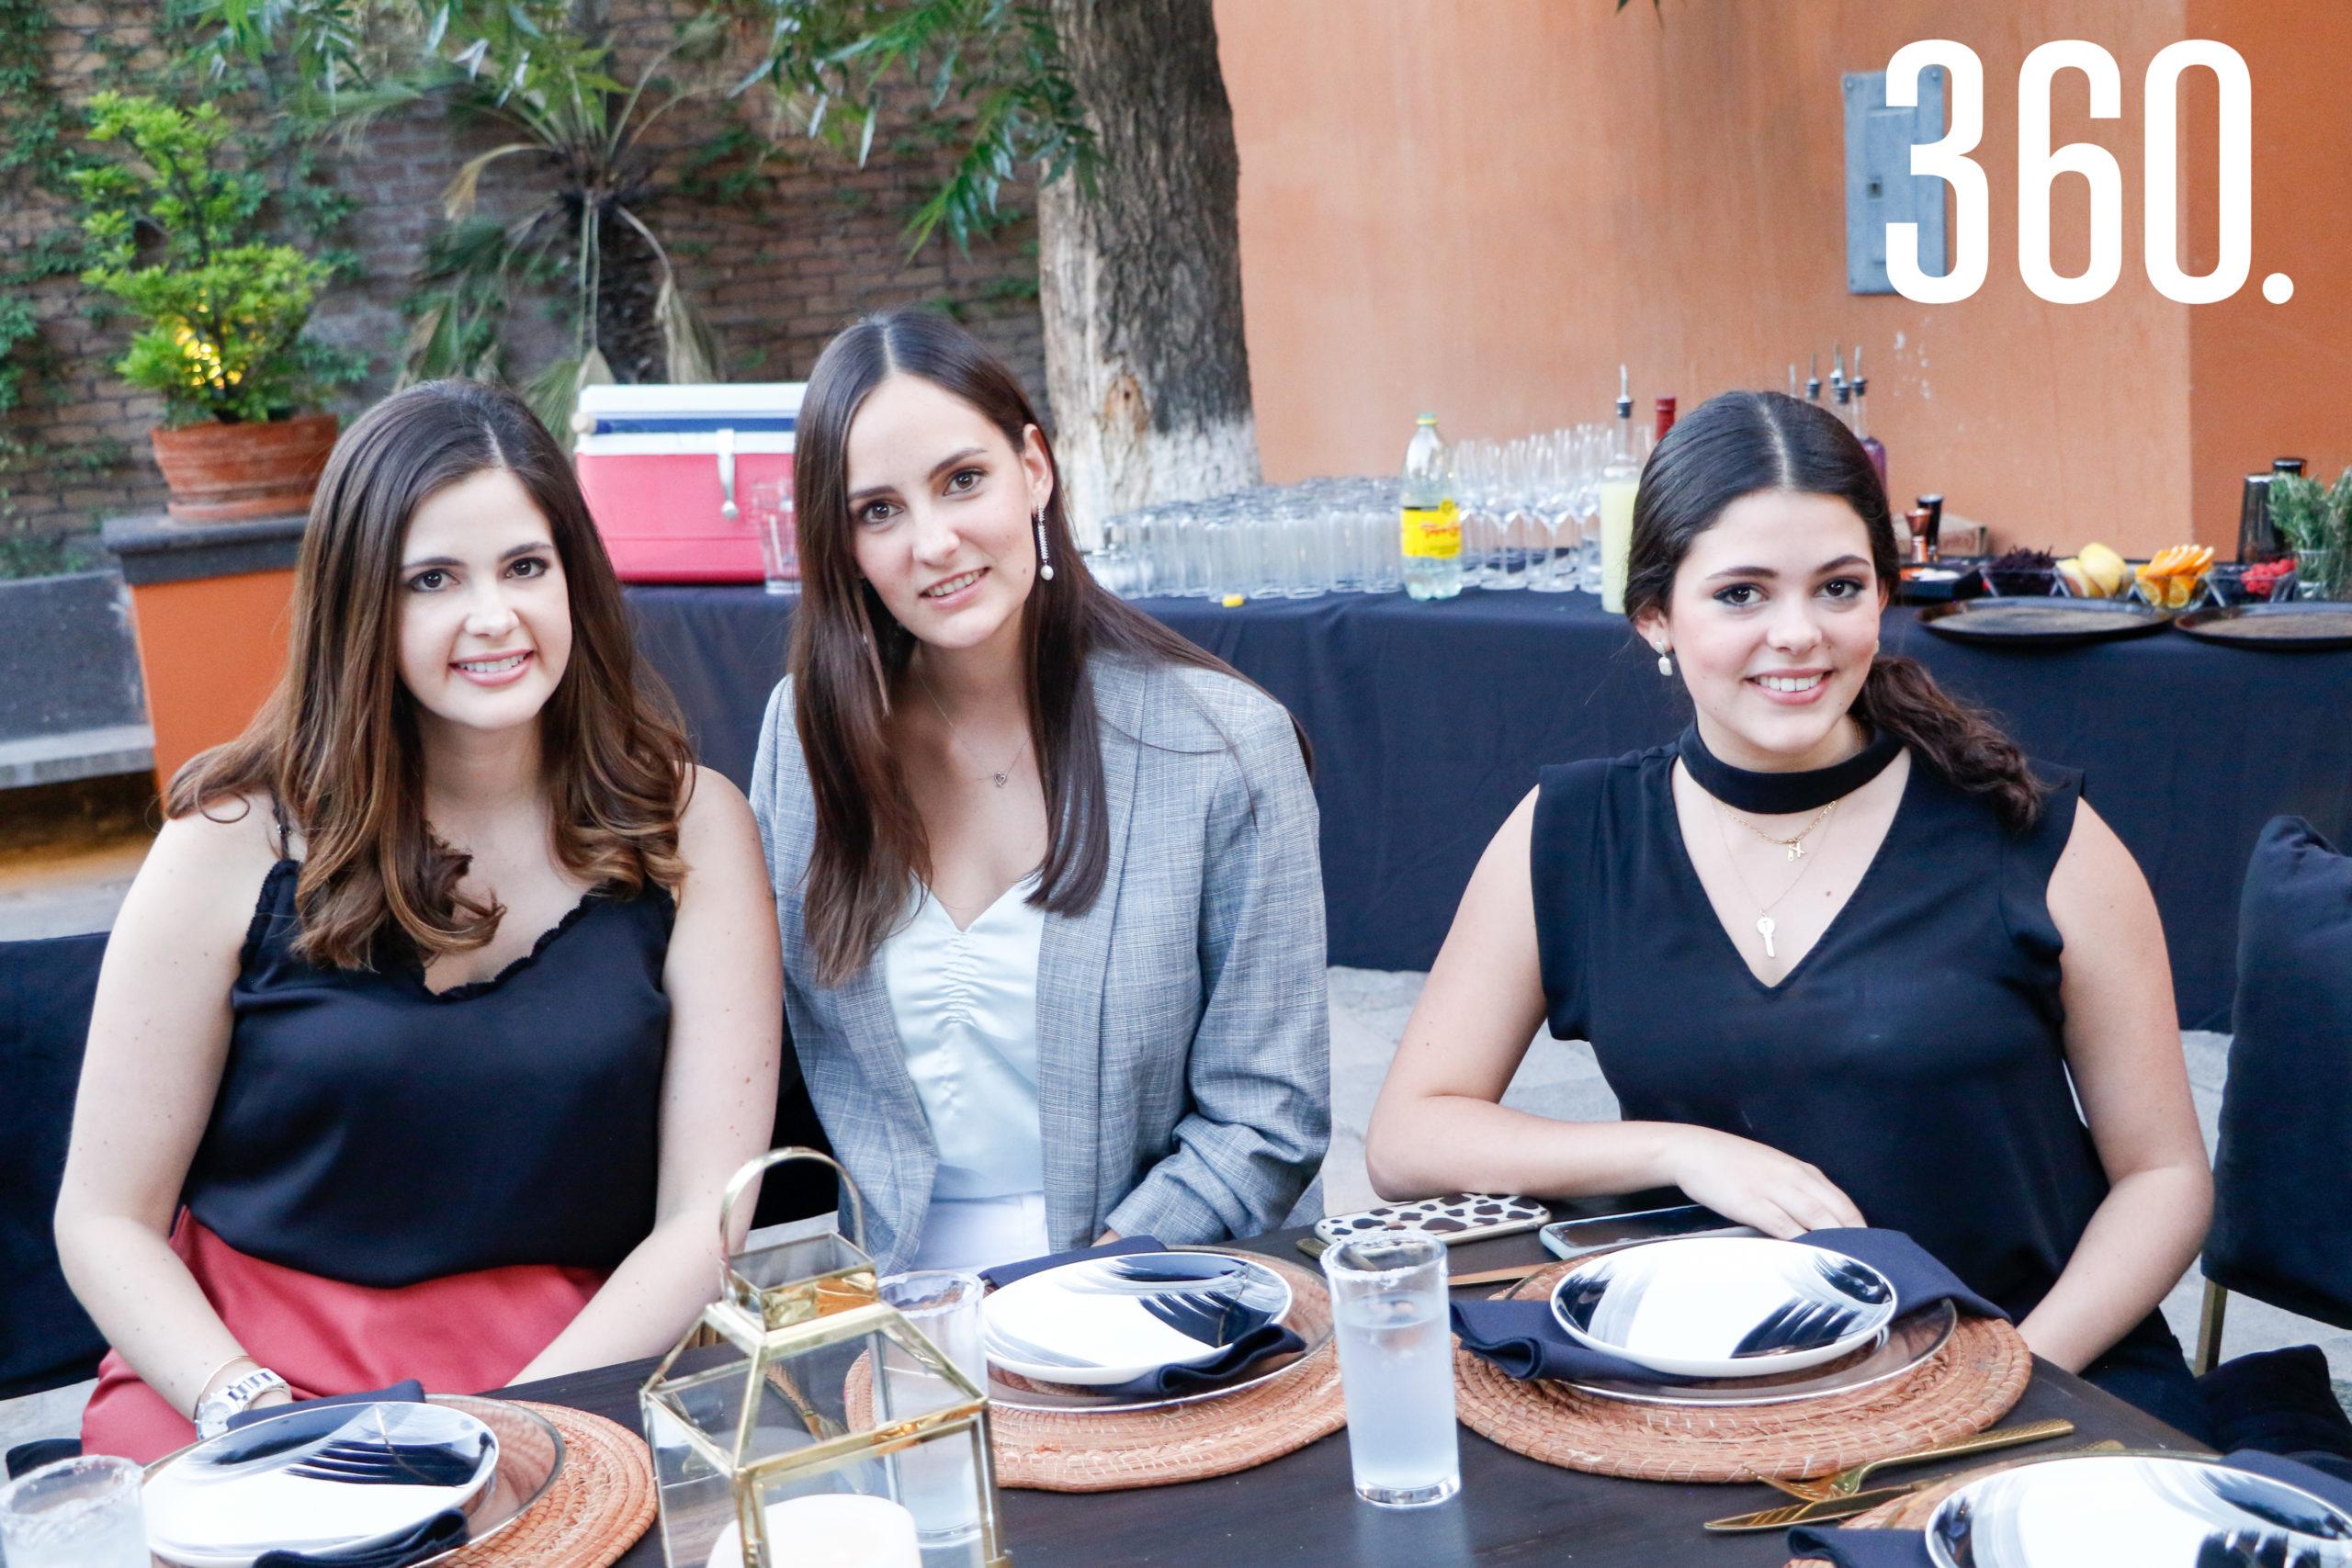 Ana Sofía, María y Ximena García.